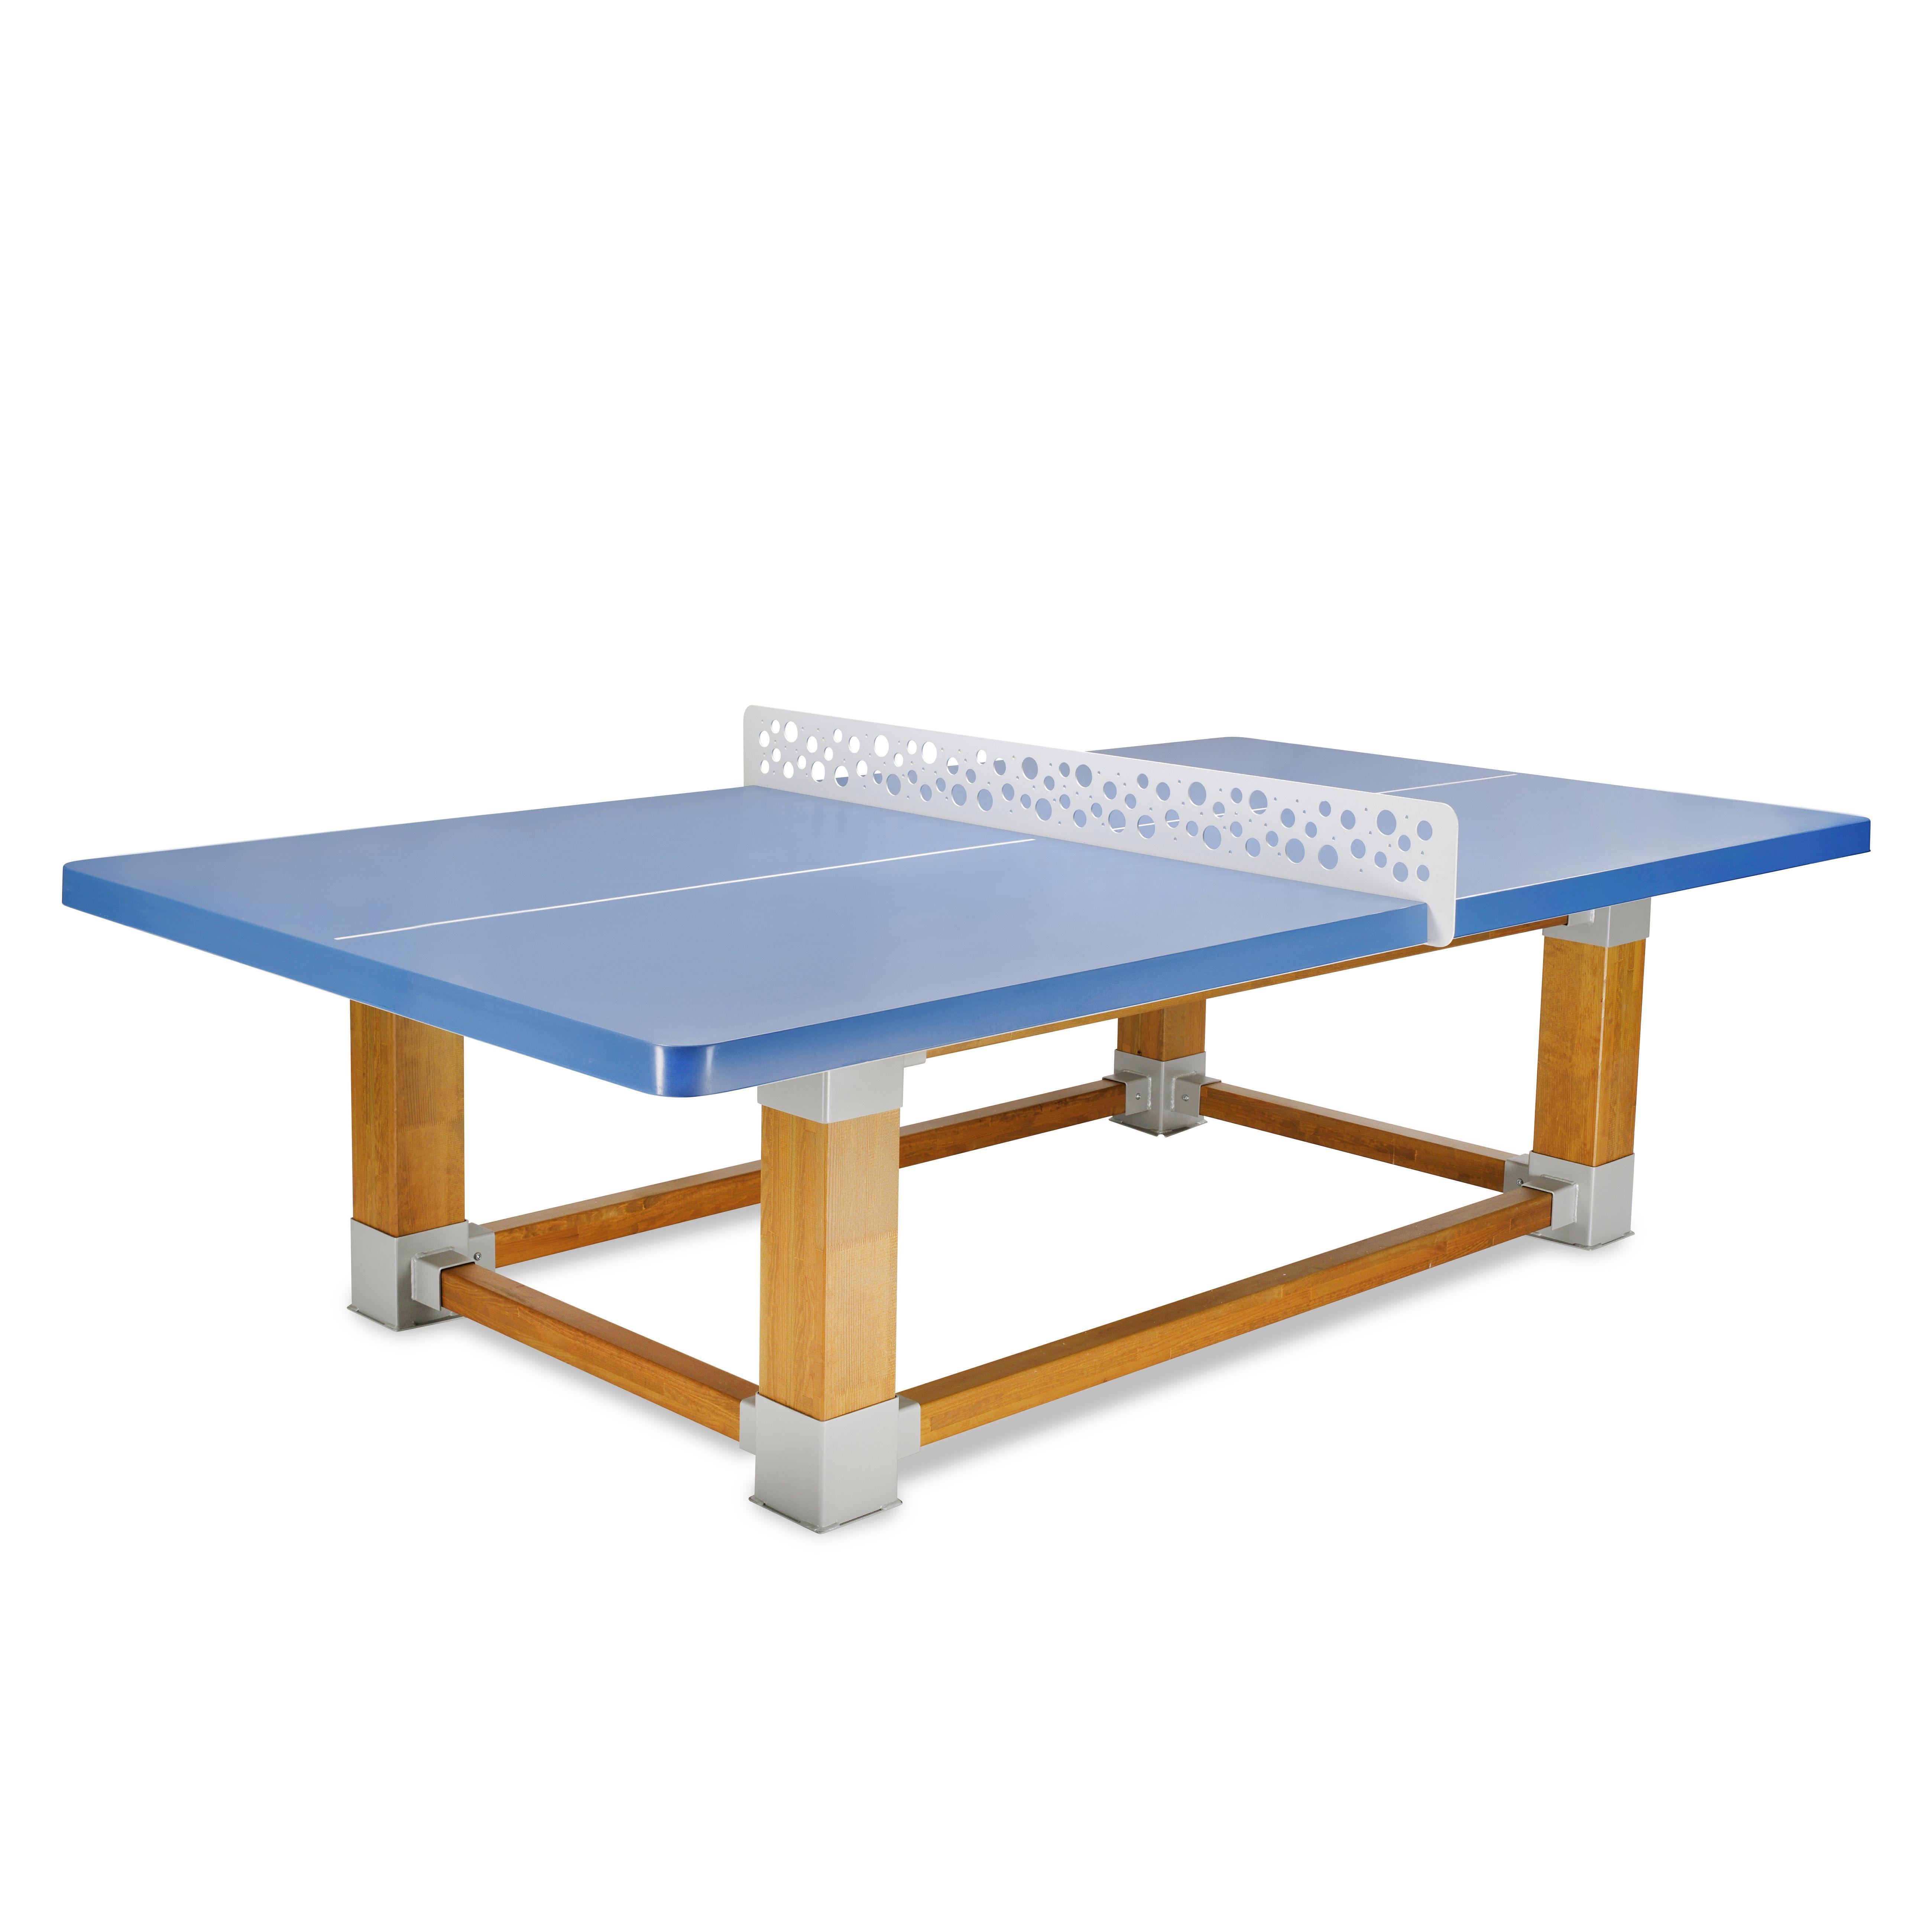 Table de ping-pong Natura, modèle sophistiqué avec piétement en bois ...